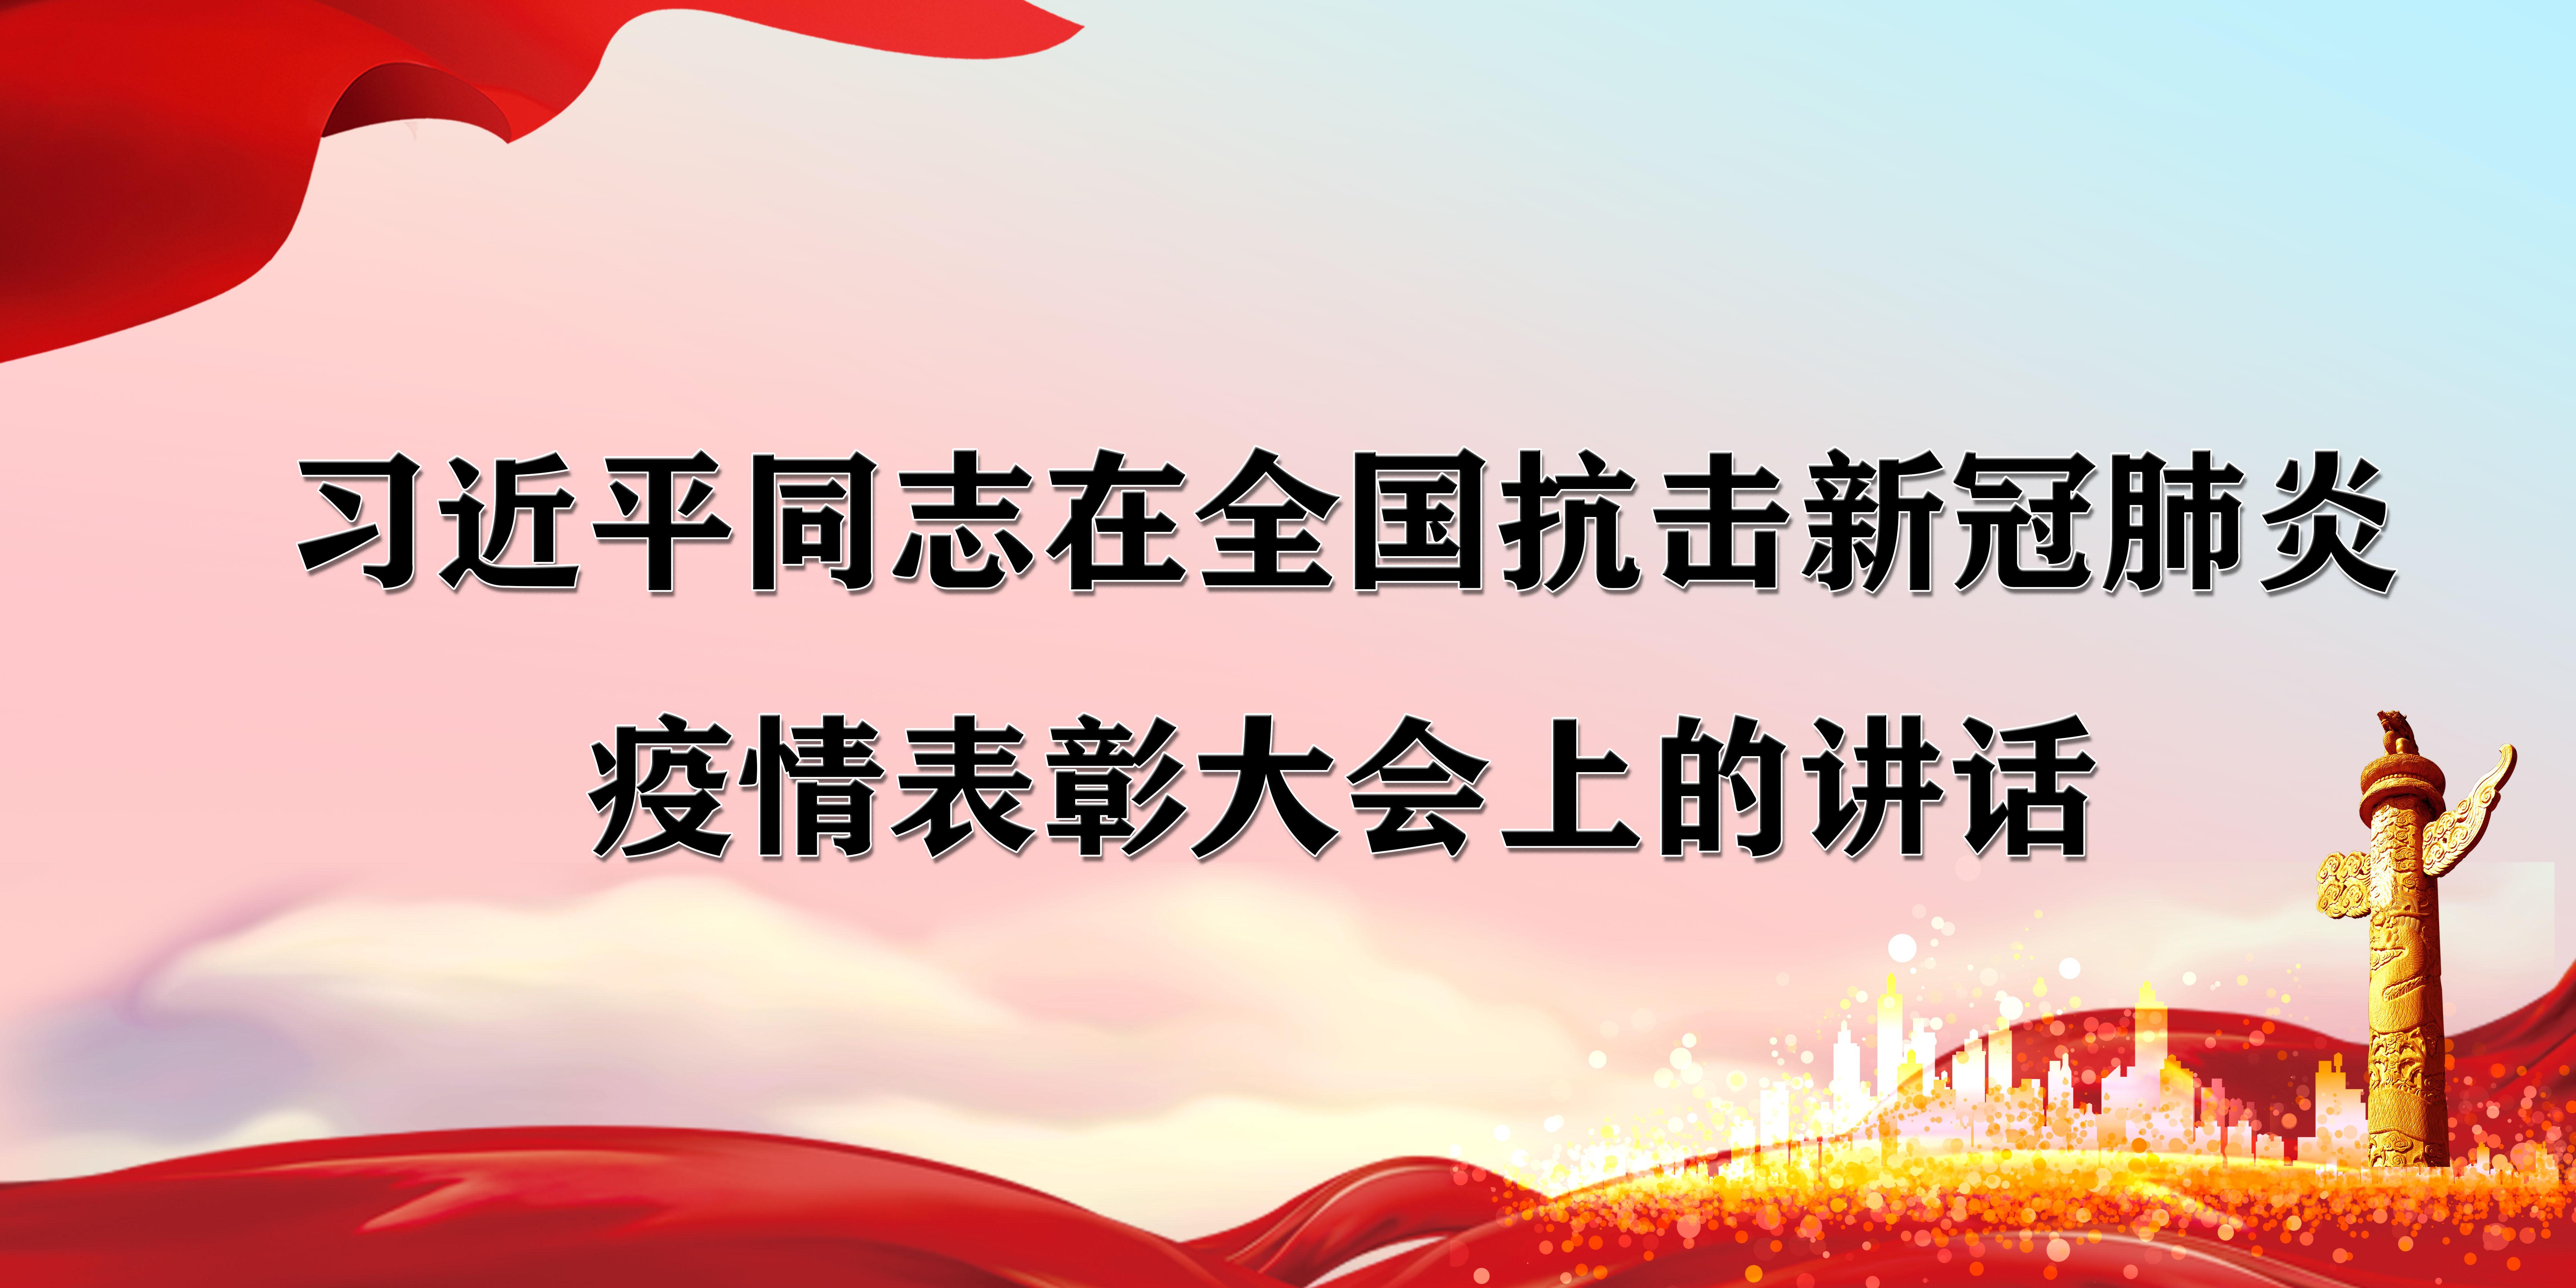 习近平同志在全国抗击新冠肺炎疫情表彰大会上的讲话